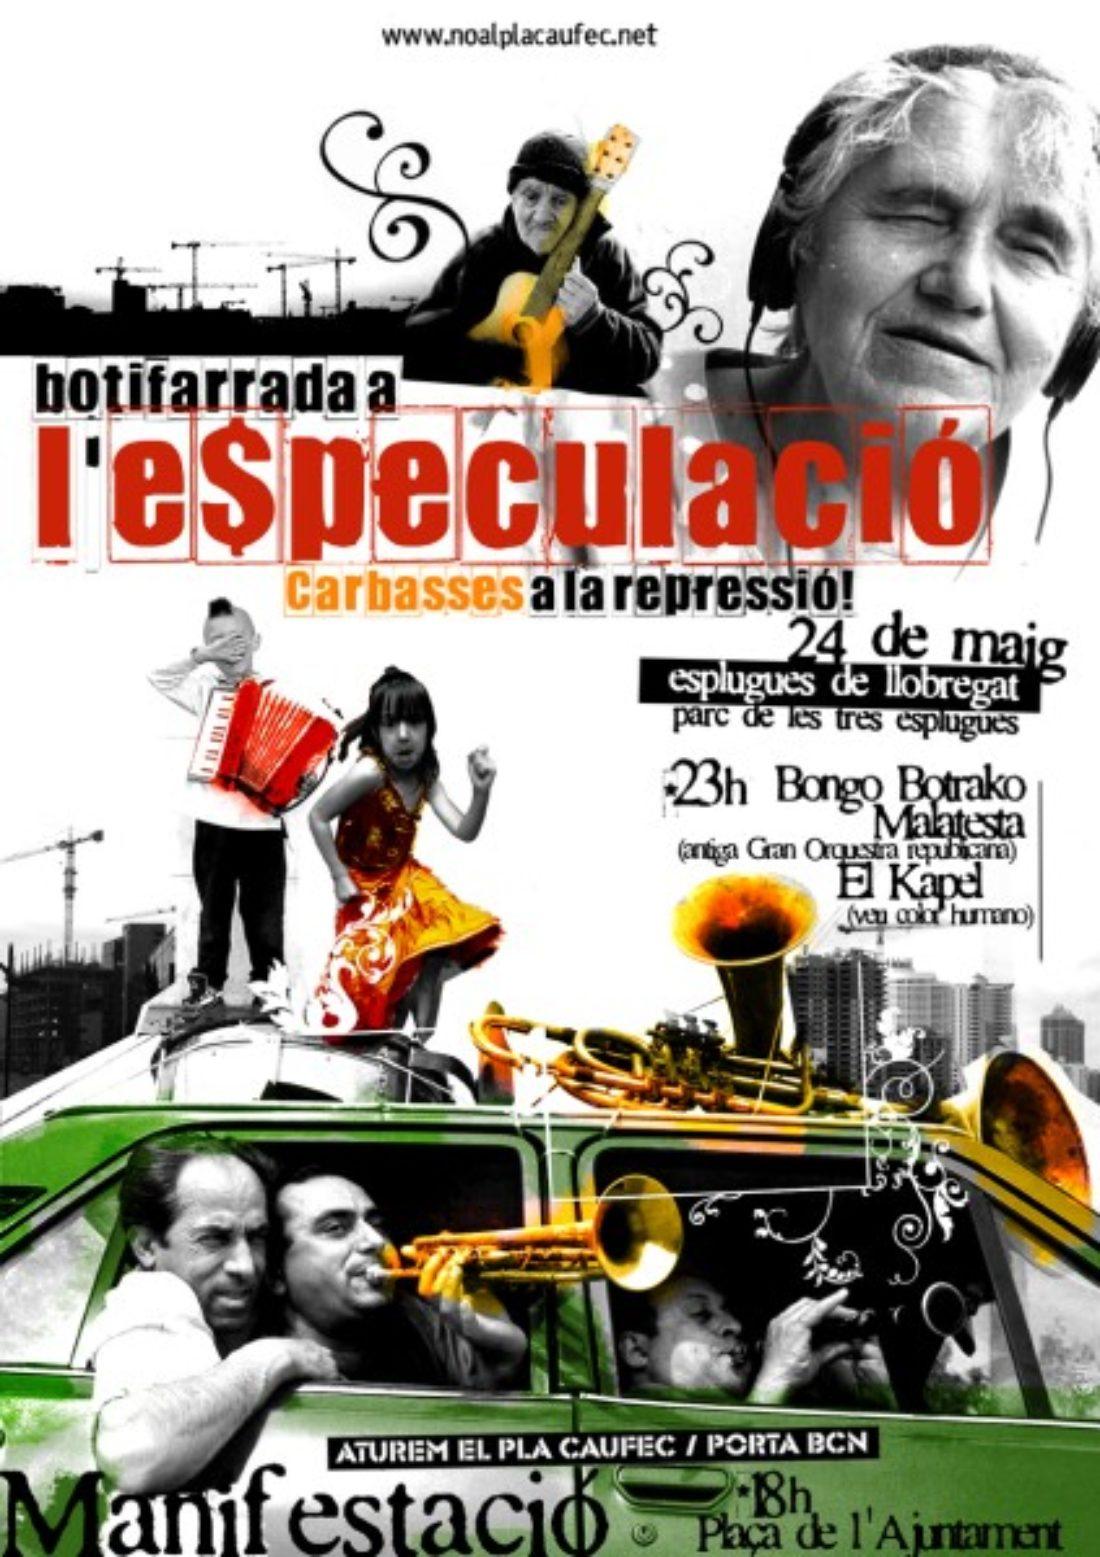 Esplugues de Llobregat, 24 maig: botifarrada popular a l'especulació